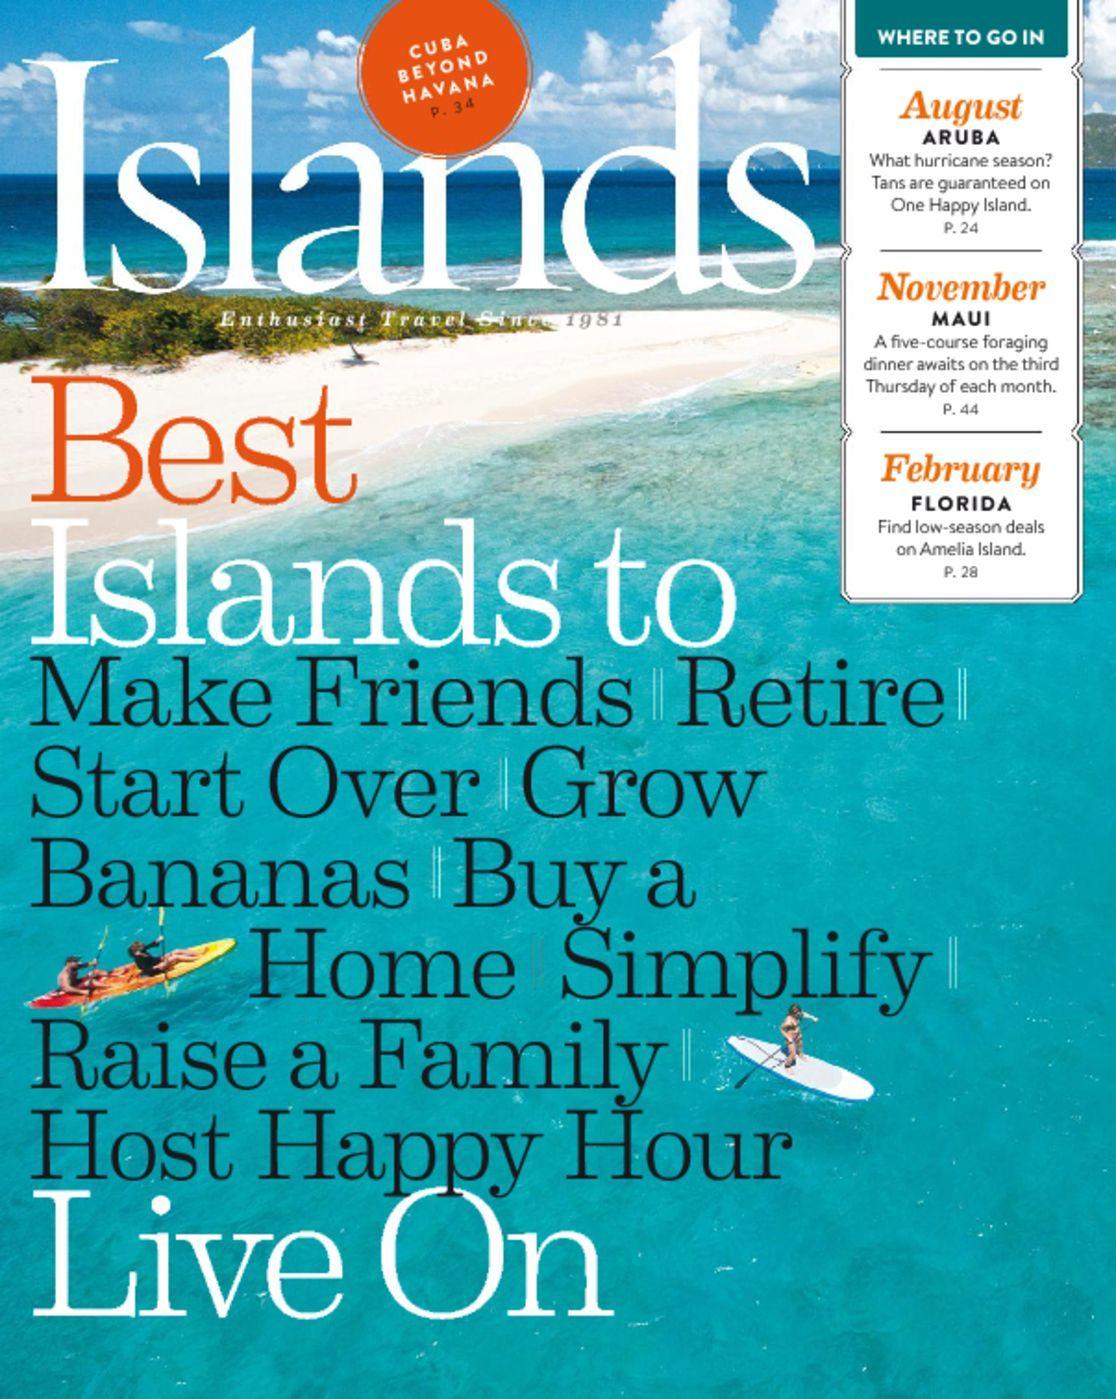 Islands Magazine $4.99/1yr, $8.99/2yrs, $12.99/3yrs